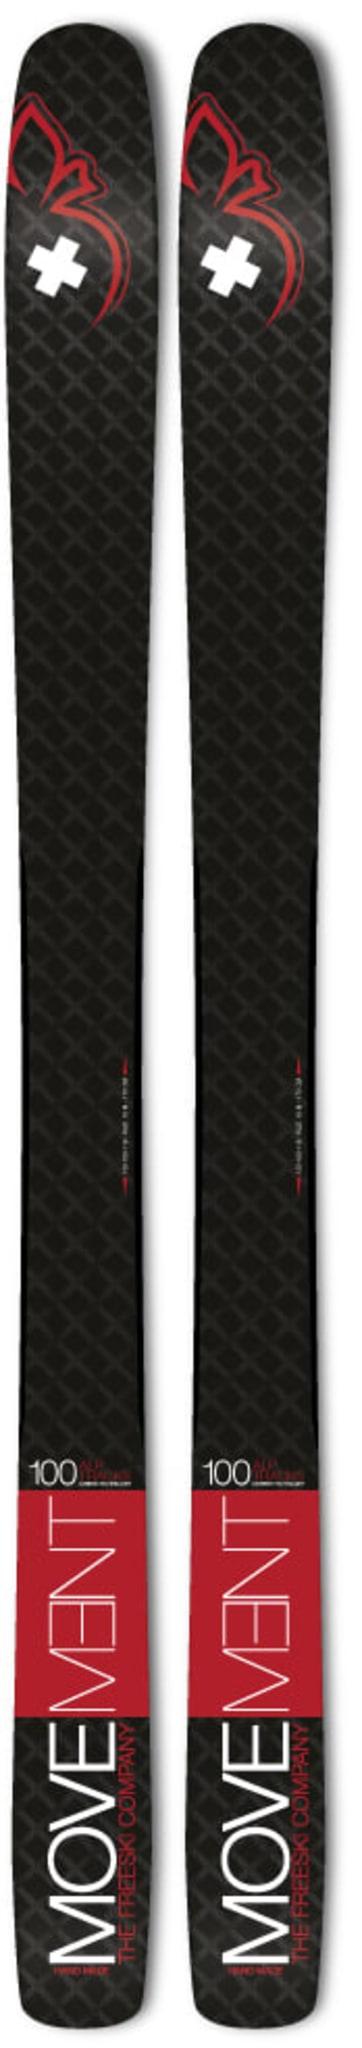 ALP TRACKS 100 LTD & Marker Alpinist 12